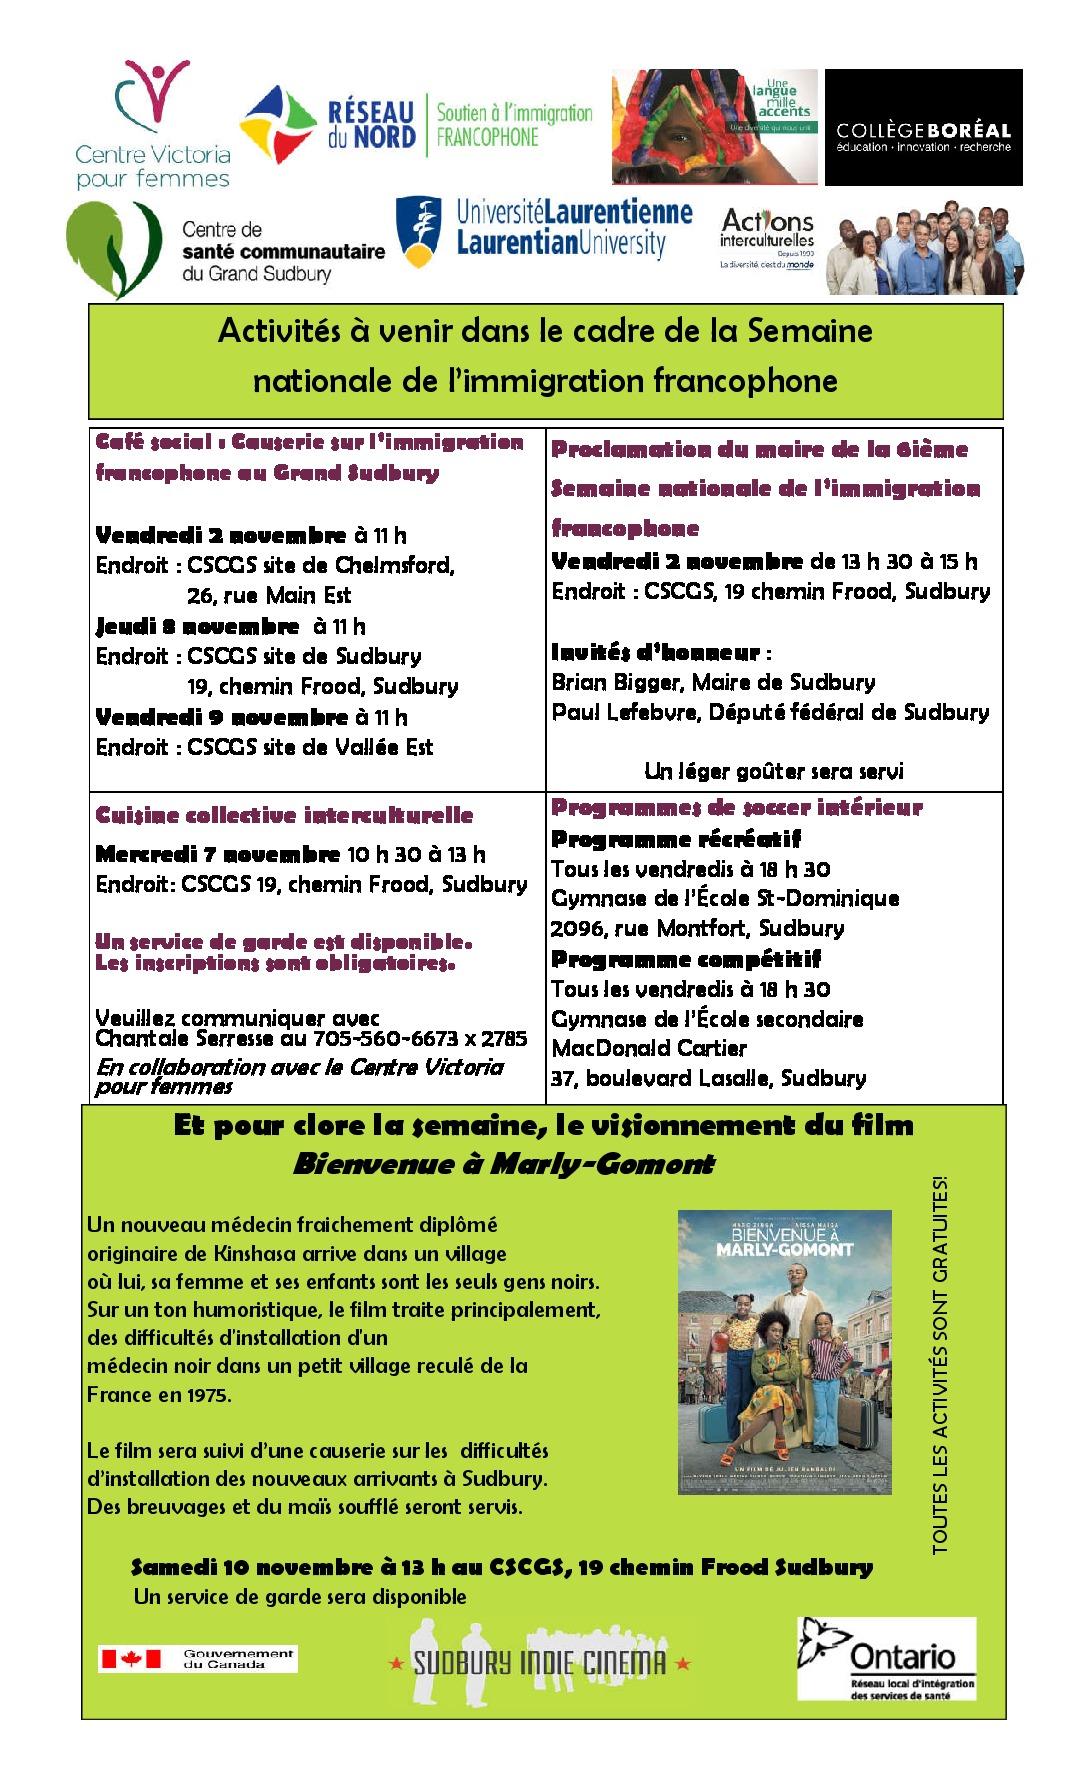 thumbnail of Affiches activites_semaine immigration_4 au 10 nov version finale_révisé gt.pub